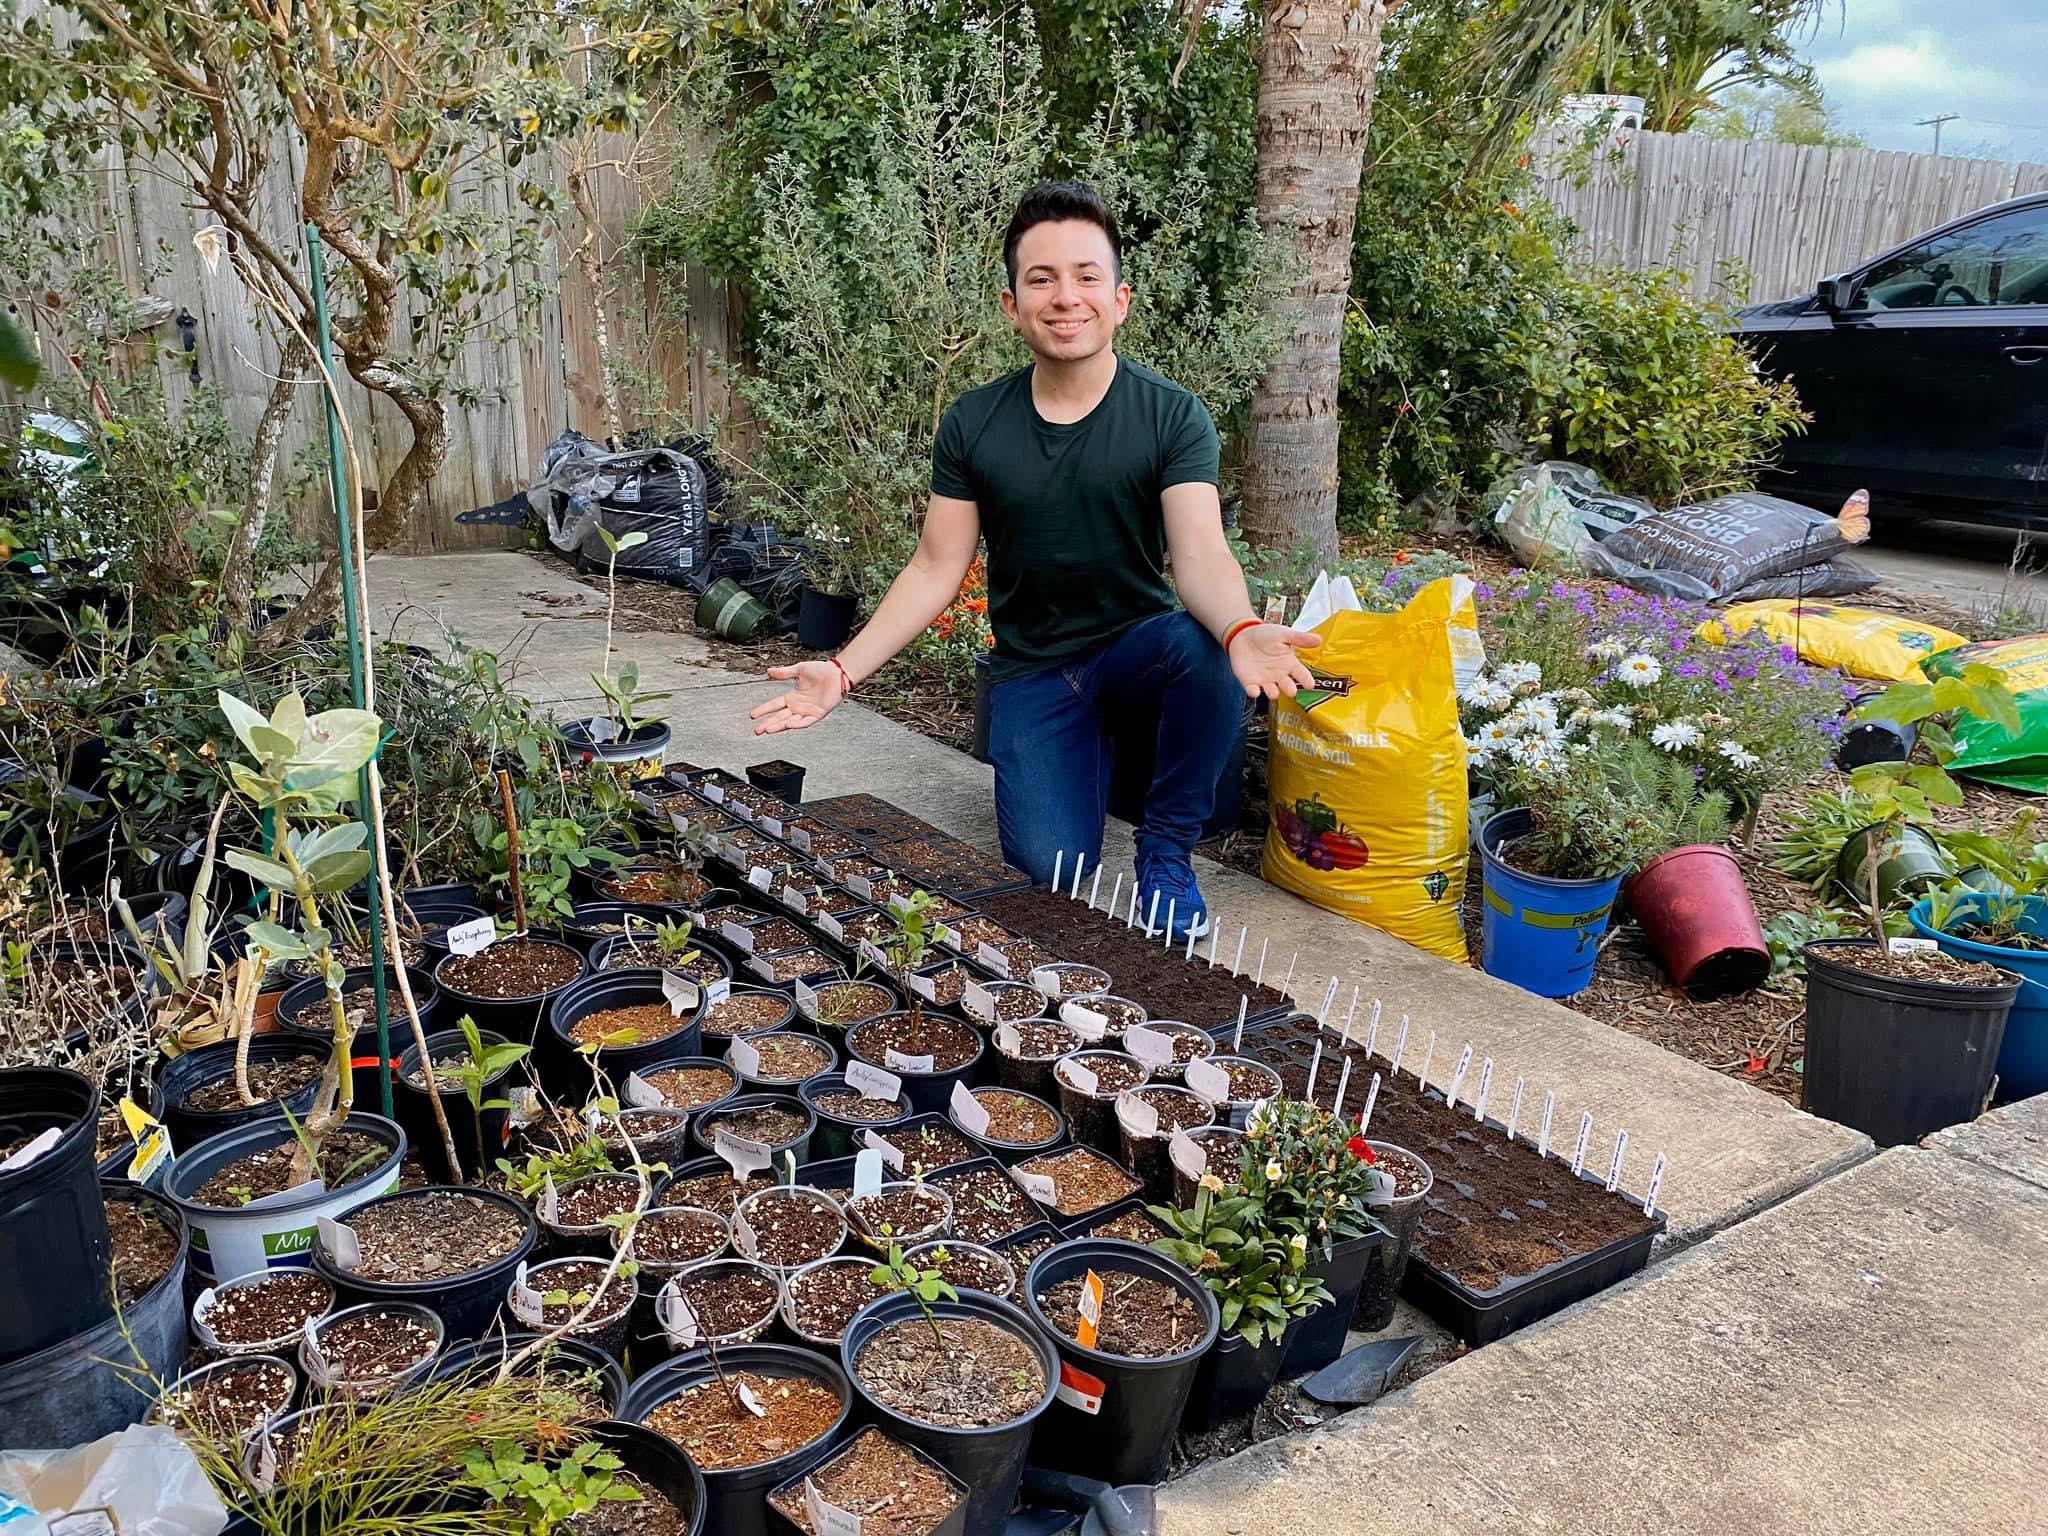 Danny in his garden.